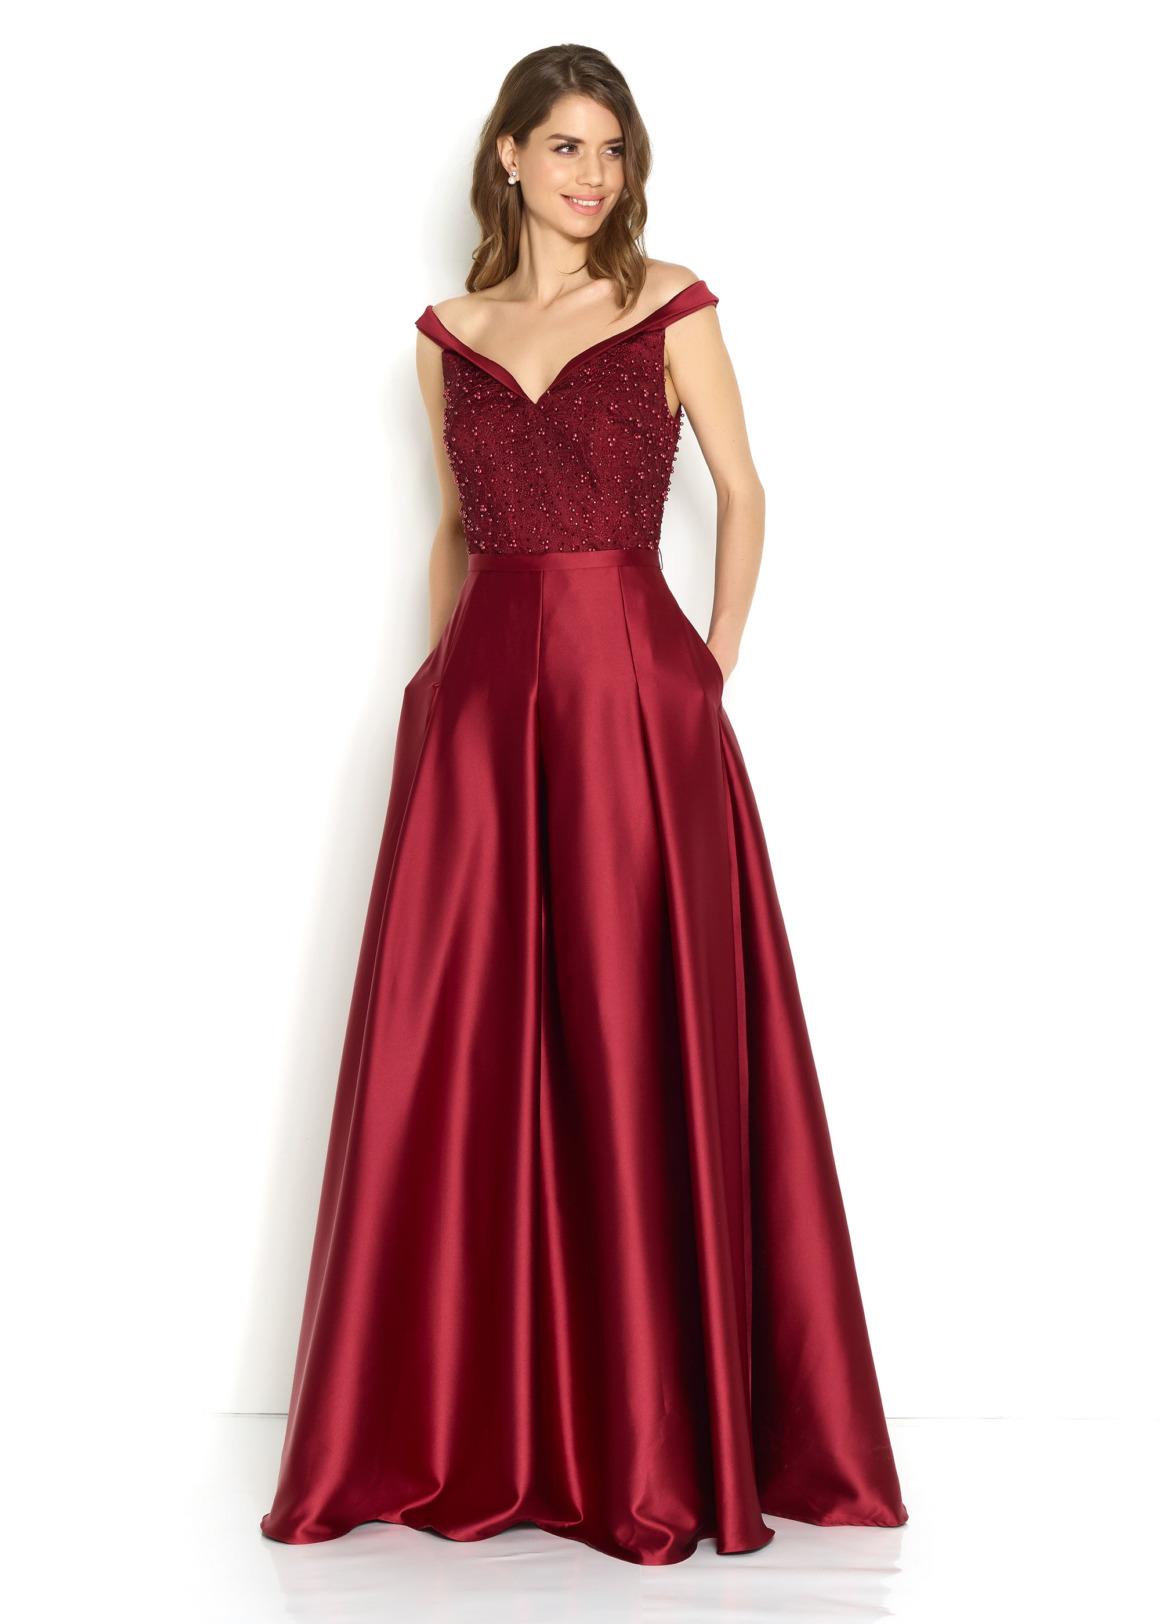 Schützenfest Königinnenkleid Hofdamen Hofstaat langes Kleid Oberteil mit Perlen bordeaux rot dunkelrot burgund Satin Rock mit Taschen Carmenausschnitt